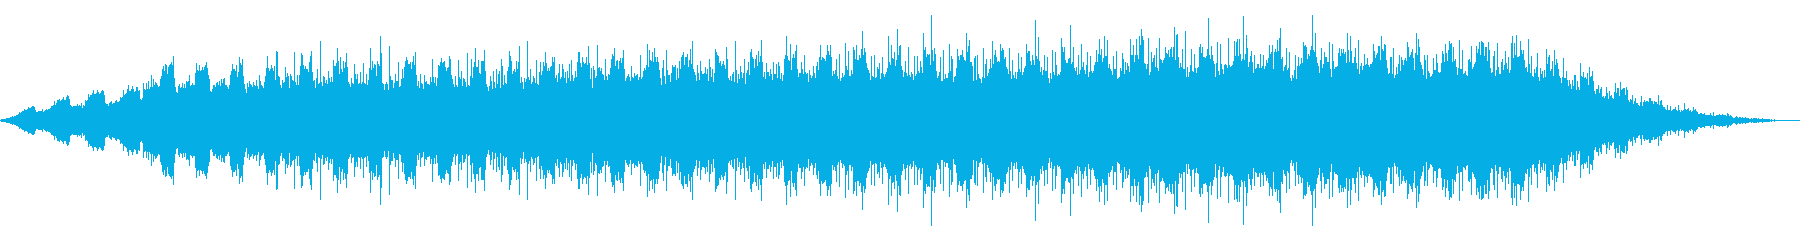 壮大な和風オルタナティブ・ロックの再生済みの波形